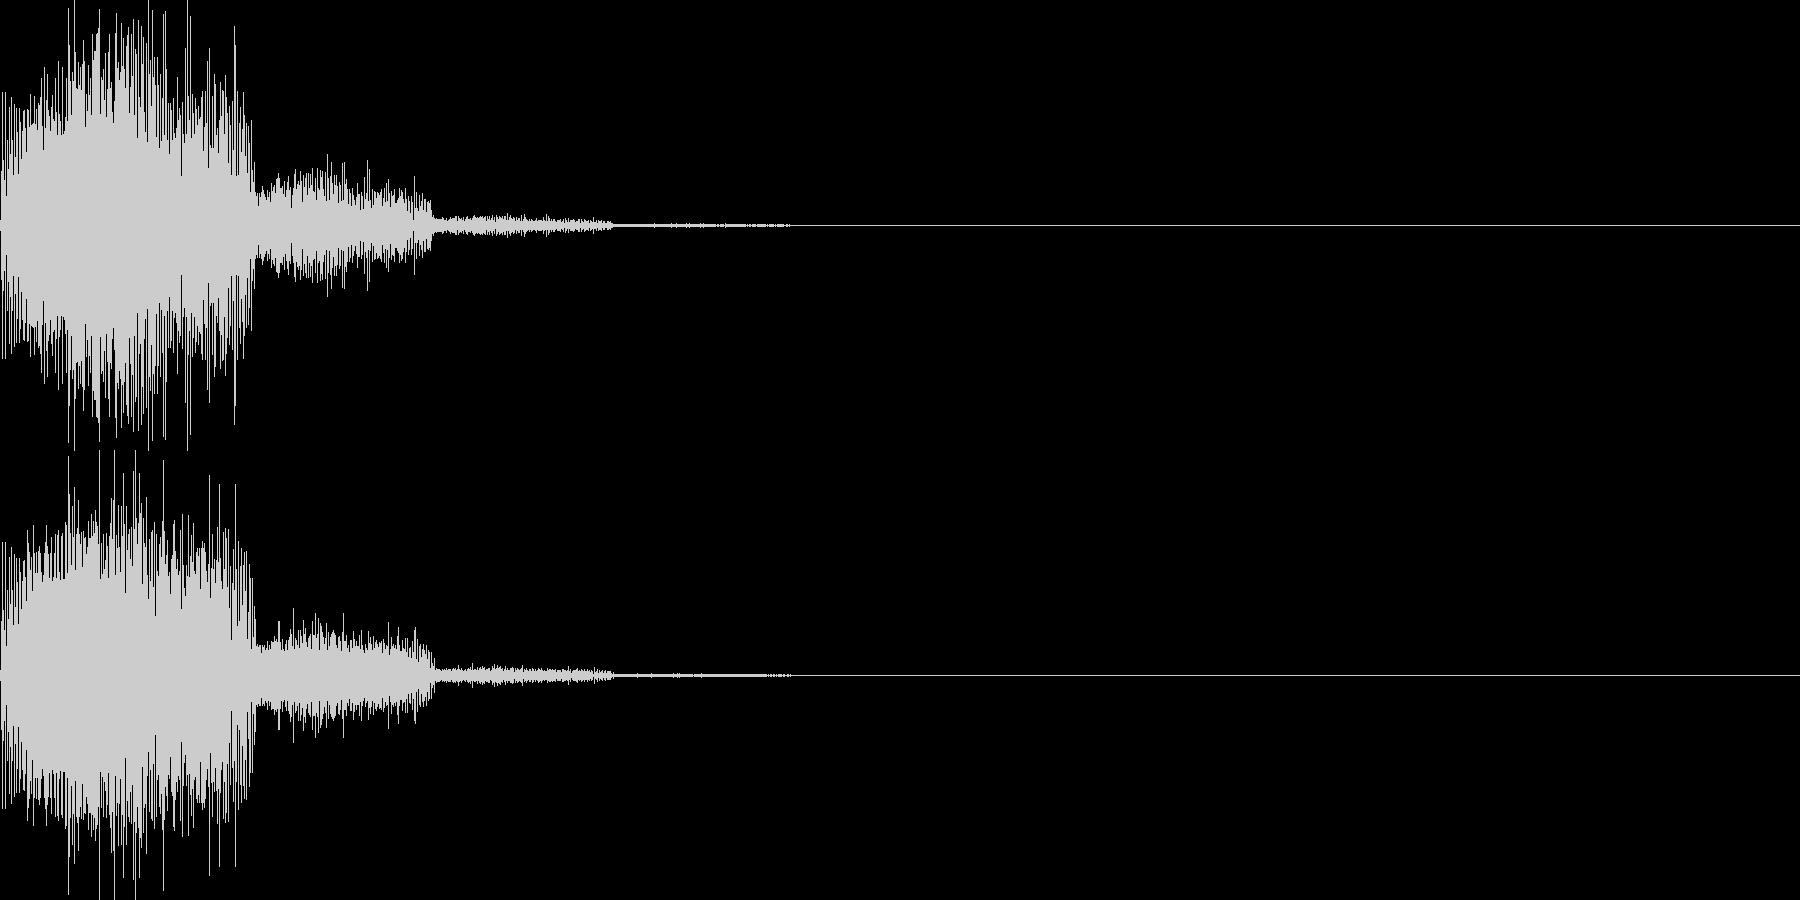 キャンセル音10(シンセ系Q)の未再生の波形